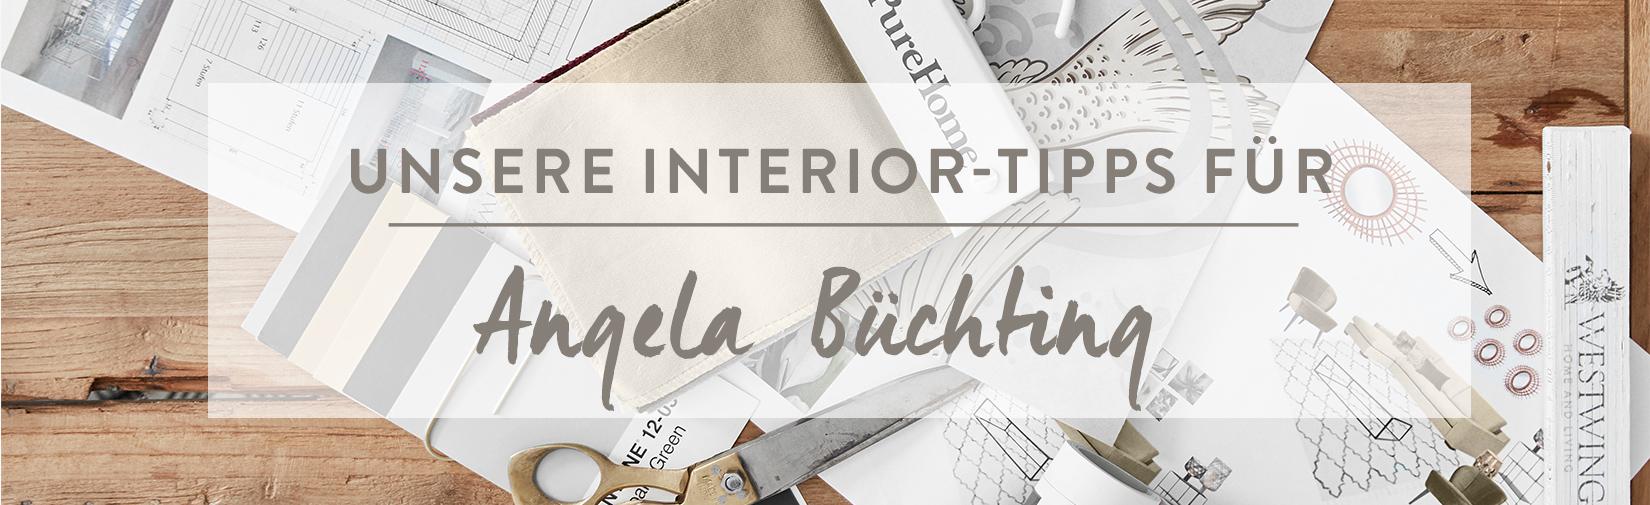 Angela_Büchting_Desktop